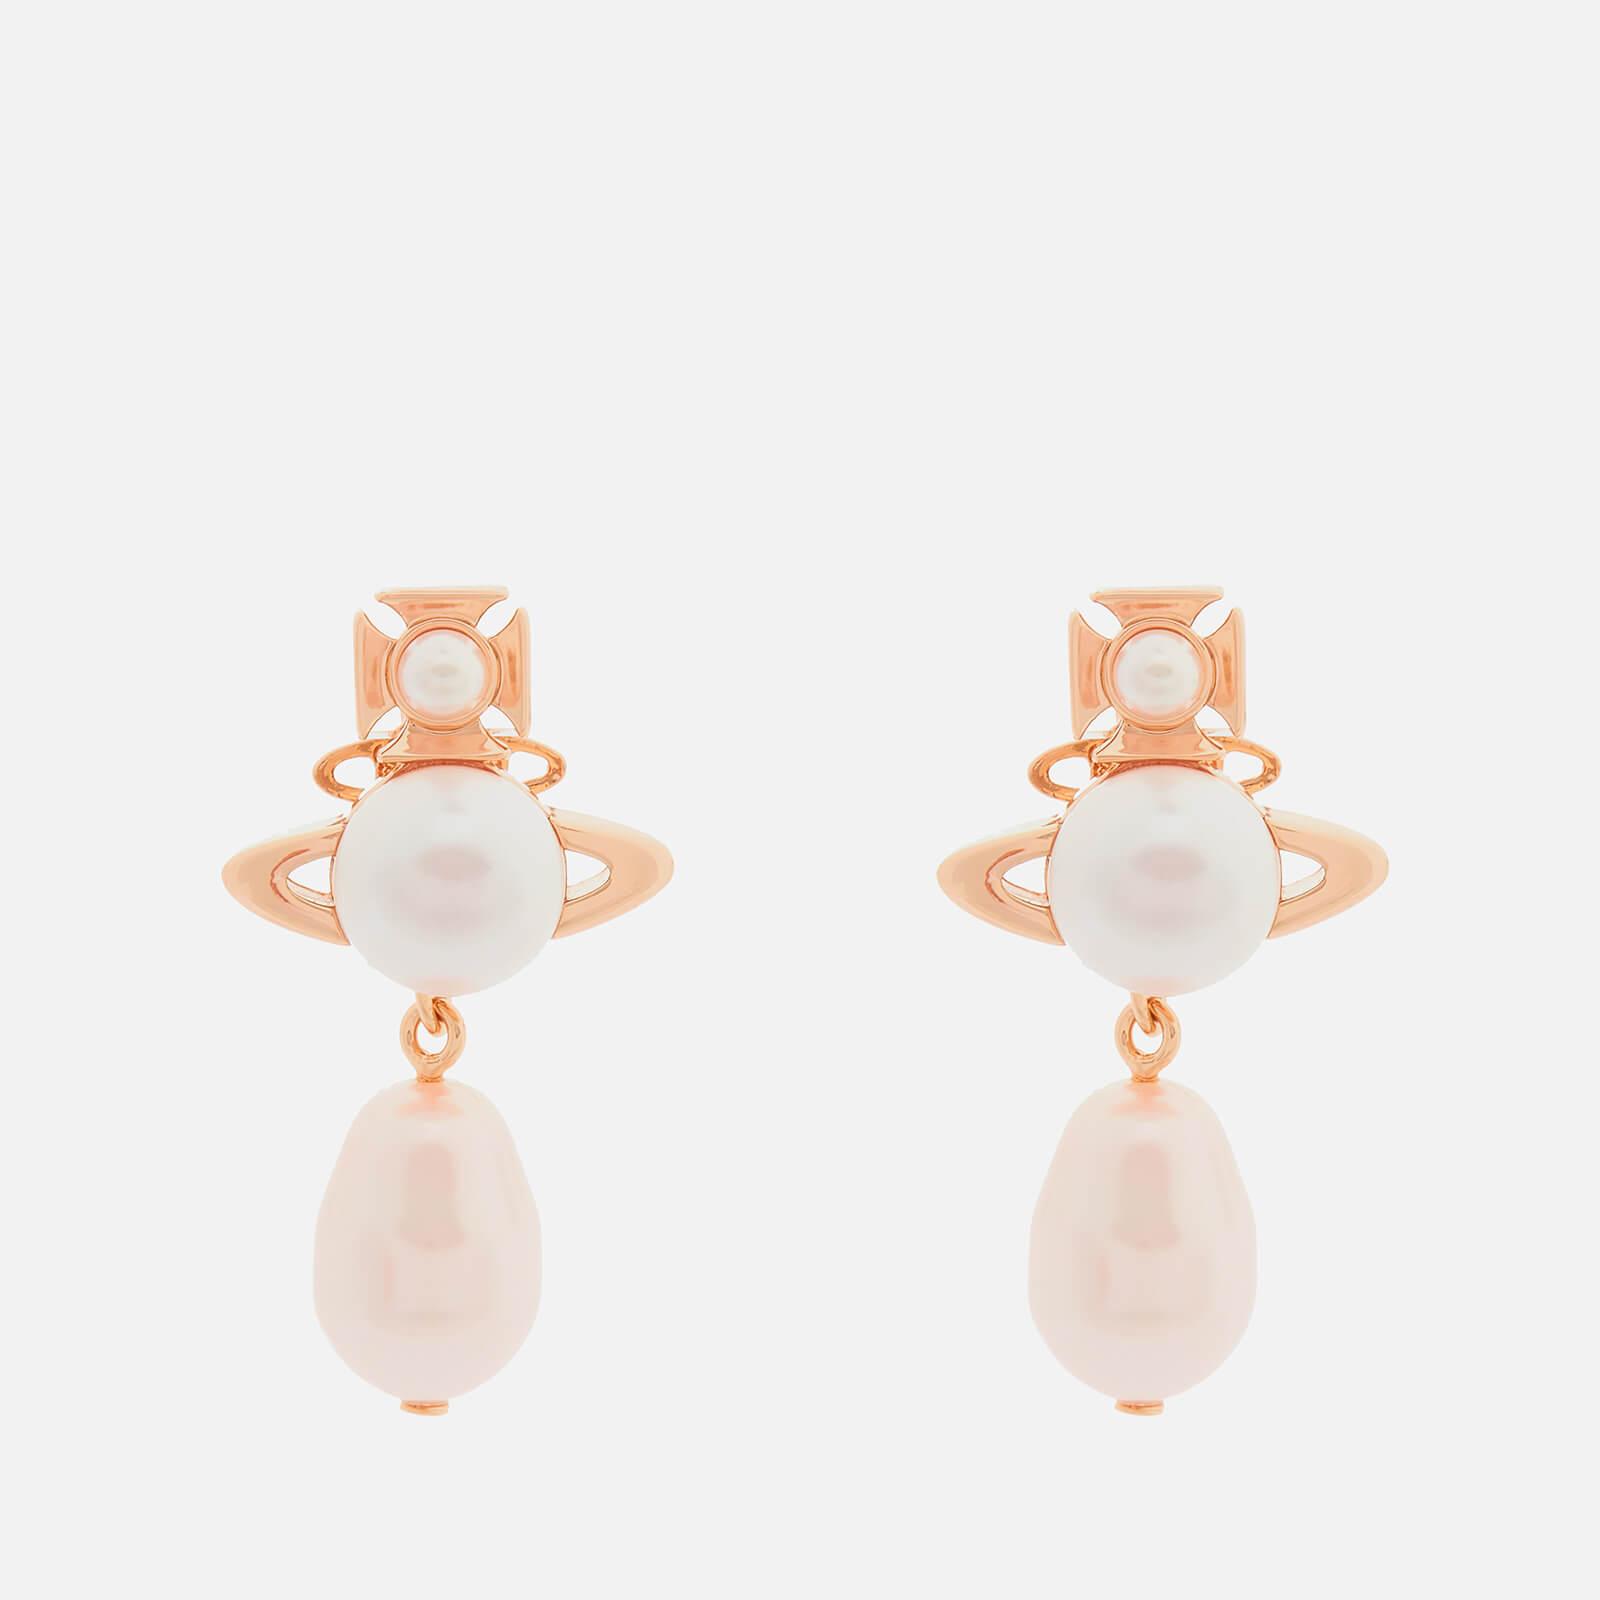 Vivienne Westwood Women's Inass Earrings - Pink Gold Rosaline